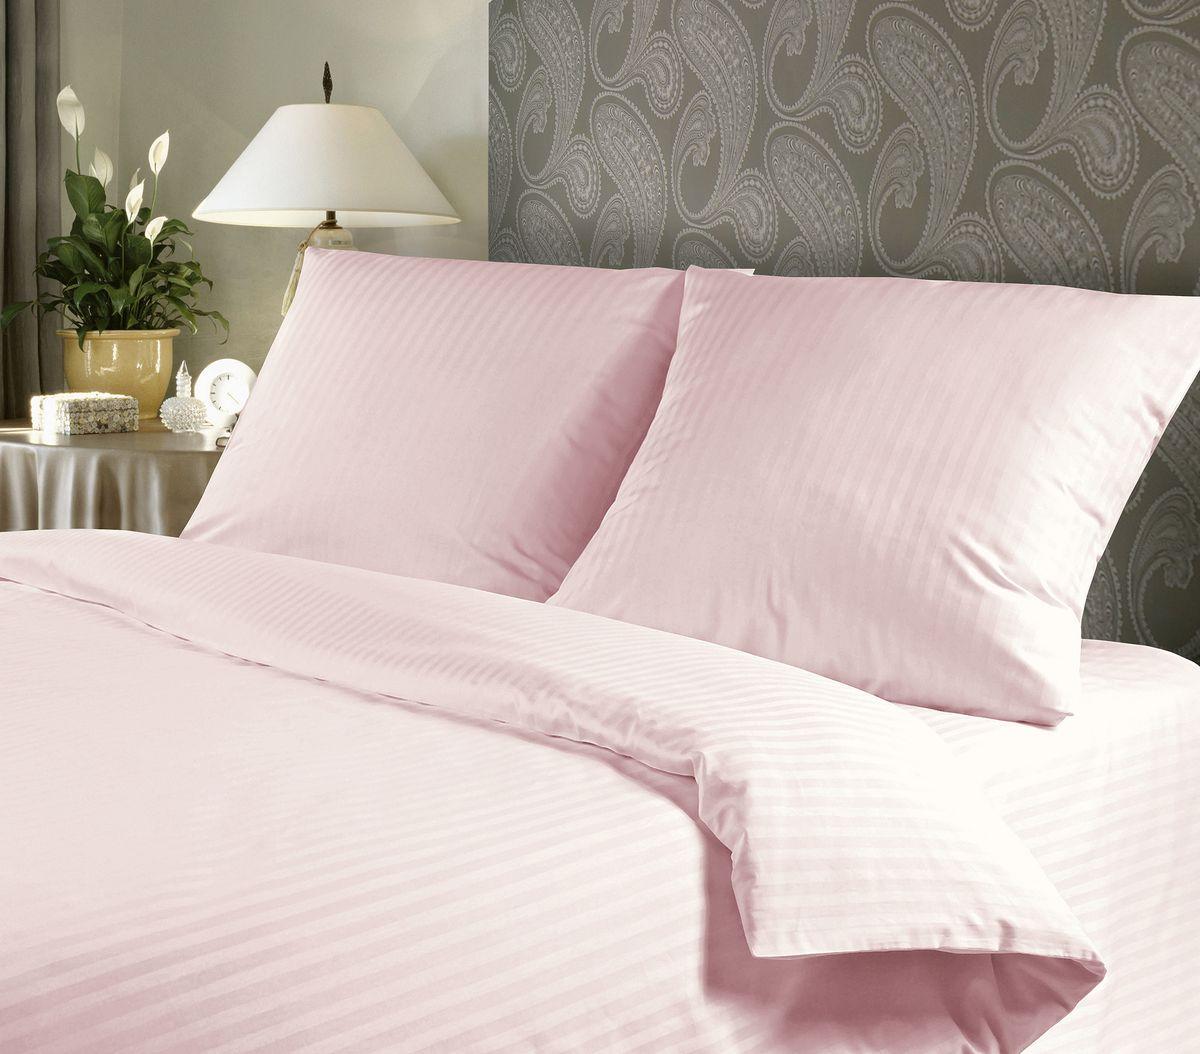 Комплект белья Verossa, 2-спальный, наволочки 70х70, цвет: розовый192833Сатин - настоящая роскошь для любителей понежиться в постели. Вас манит его блеск, завораживает гладкость, ласкает мягкость, и каждая минута с ним - истинное наслаждение.Тонкая пряжа и атласное переплетение нитей обеспечивают сатину мягкость и деликатность.Легкий блеск сатина делает дизайны живыми и переливающимися.100% хлопок, не электризуется и отлично пропускает воздух, ткань дышит.Легко стирается и практически не требует глажения.Не линяет, не изменяет вид после многочисленных стирок.